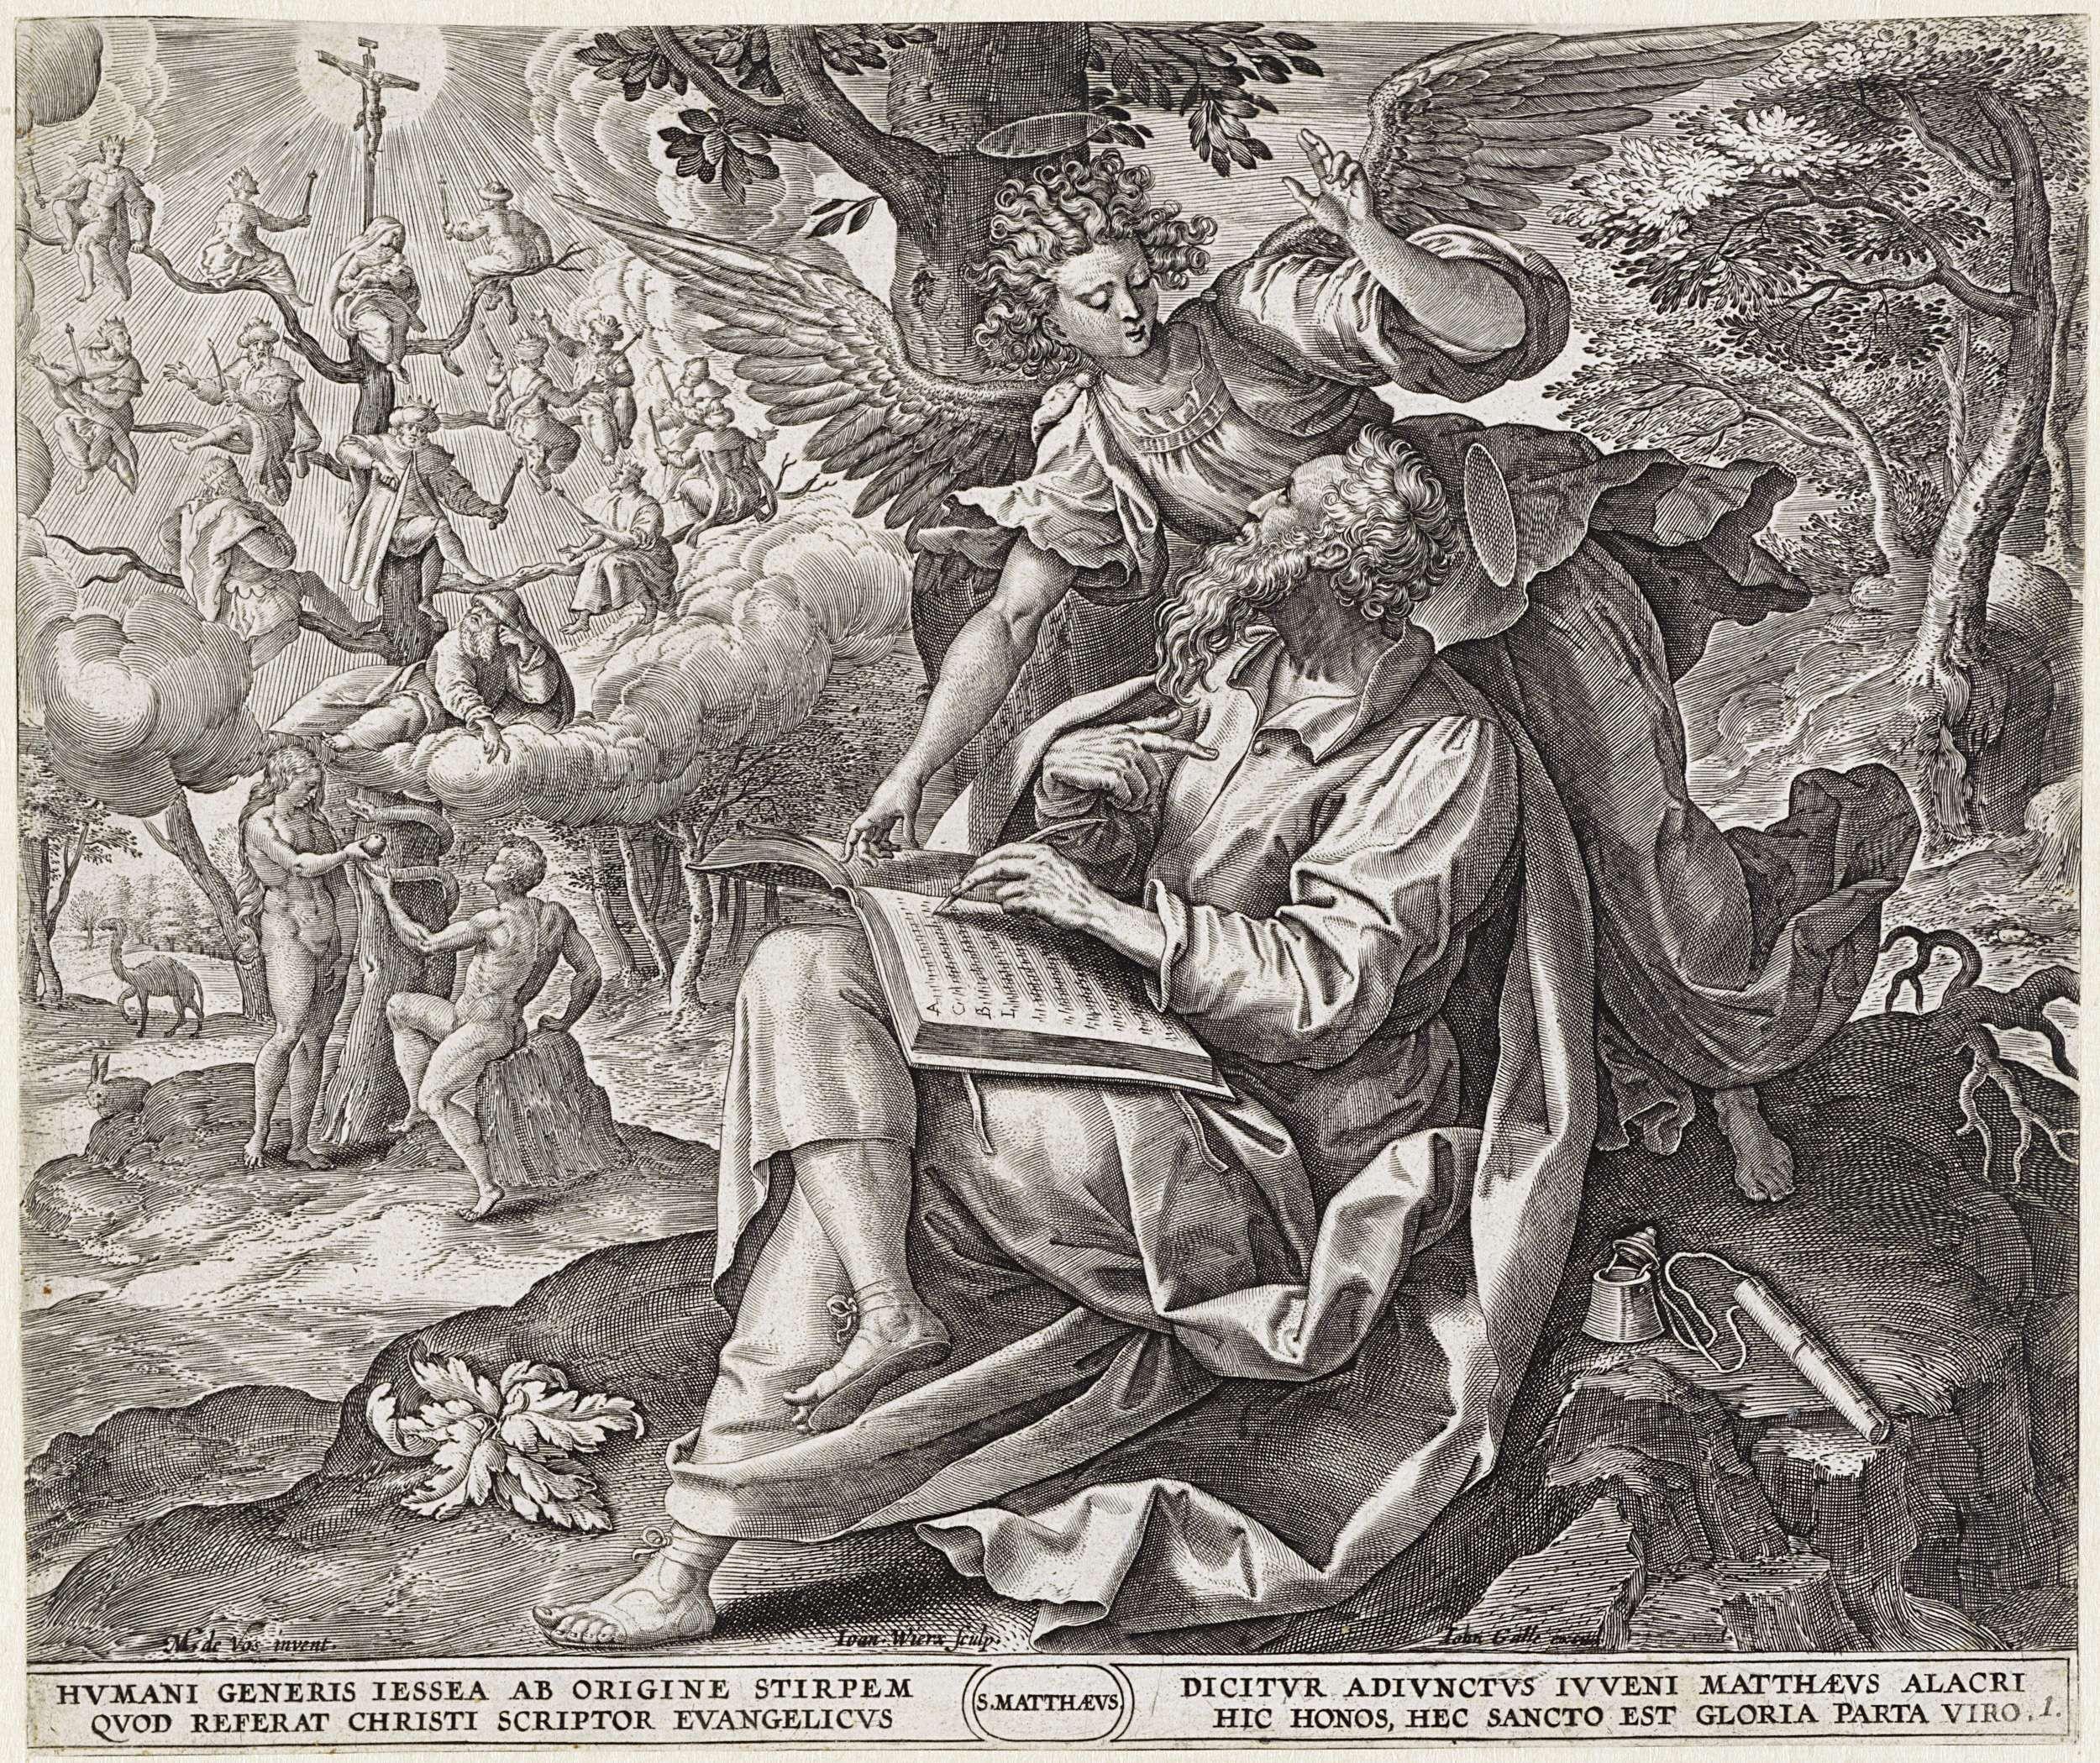 Johannes Wierix   Evangelist Matteüs, Johannes Wierix, Joannes Galle, 1585   De evangelist Matteüs schrijft zijn evangelie. Hij zit onder een boom. De engel staat achter hem. Op de achtergrond Adam en Eva aan de voet van de boom van Jesse. In de marge een vierregelig onderschrift, in twee kolommen, in het Latijn.